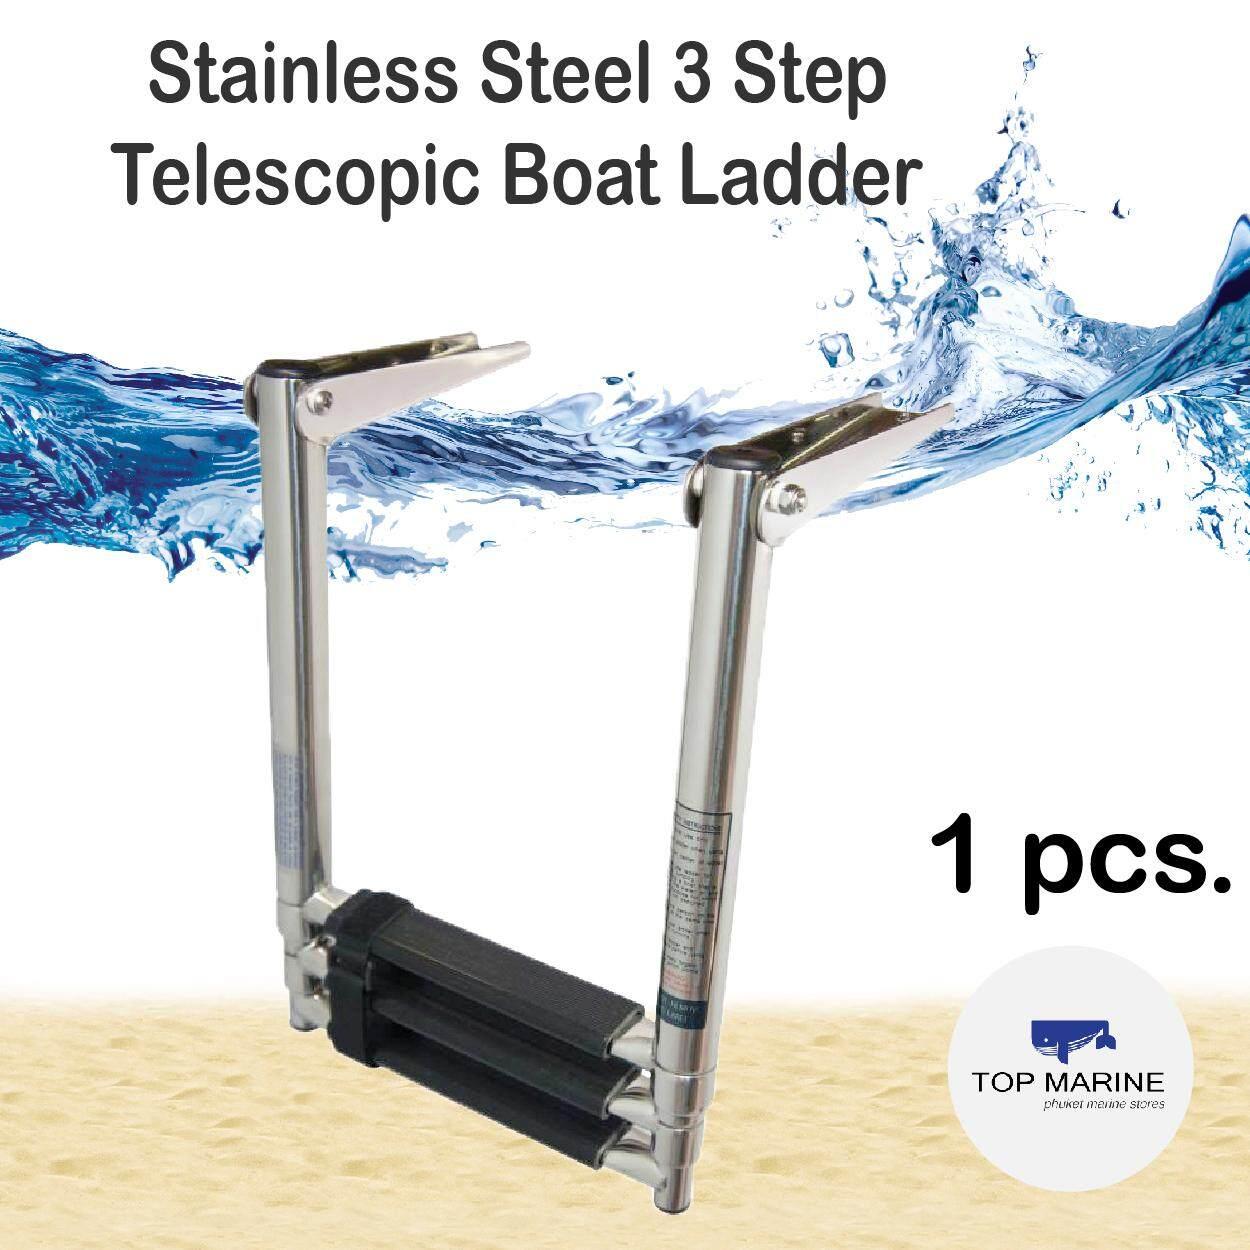 บันไดสแตนเลส 3 ขั้น เรือ สระว่ายน้ำ   Stainless Steel 3 Step  Telescopic Boat Ladder